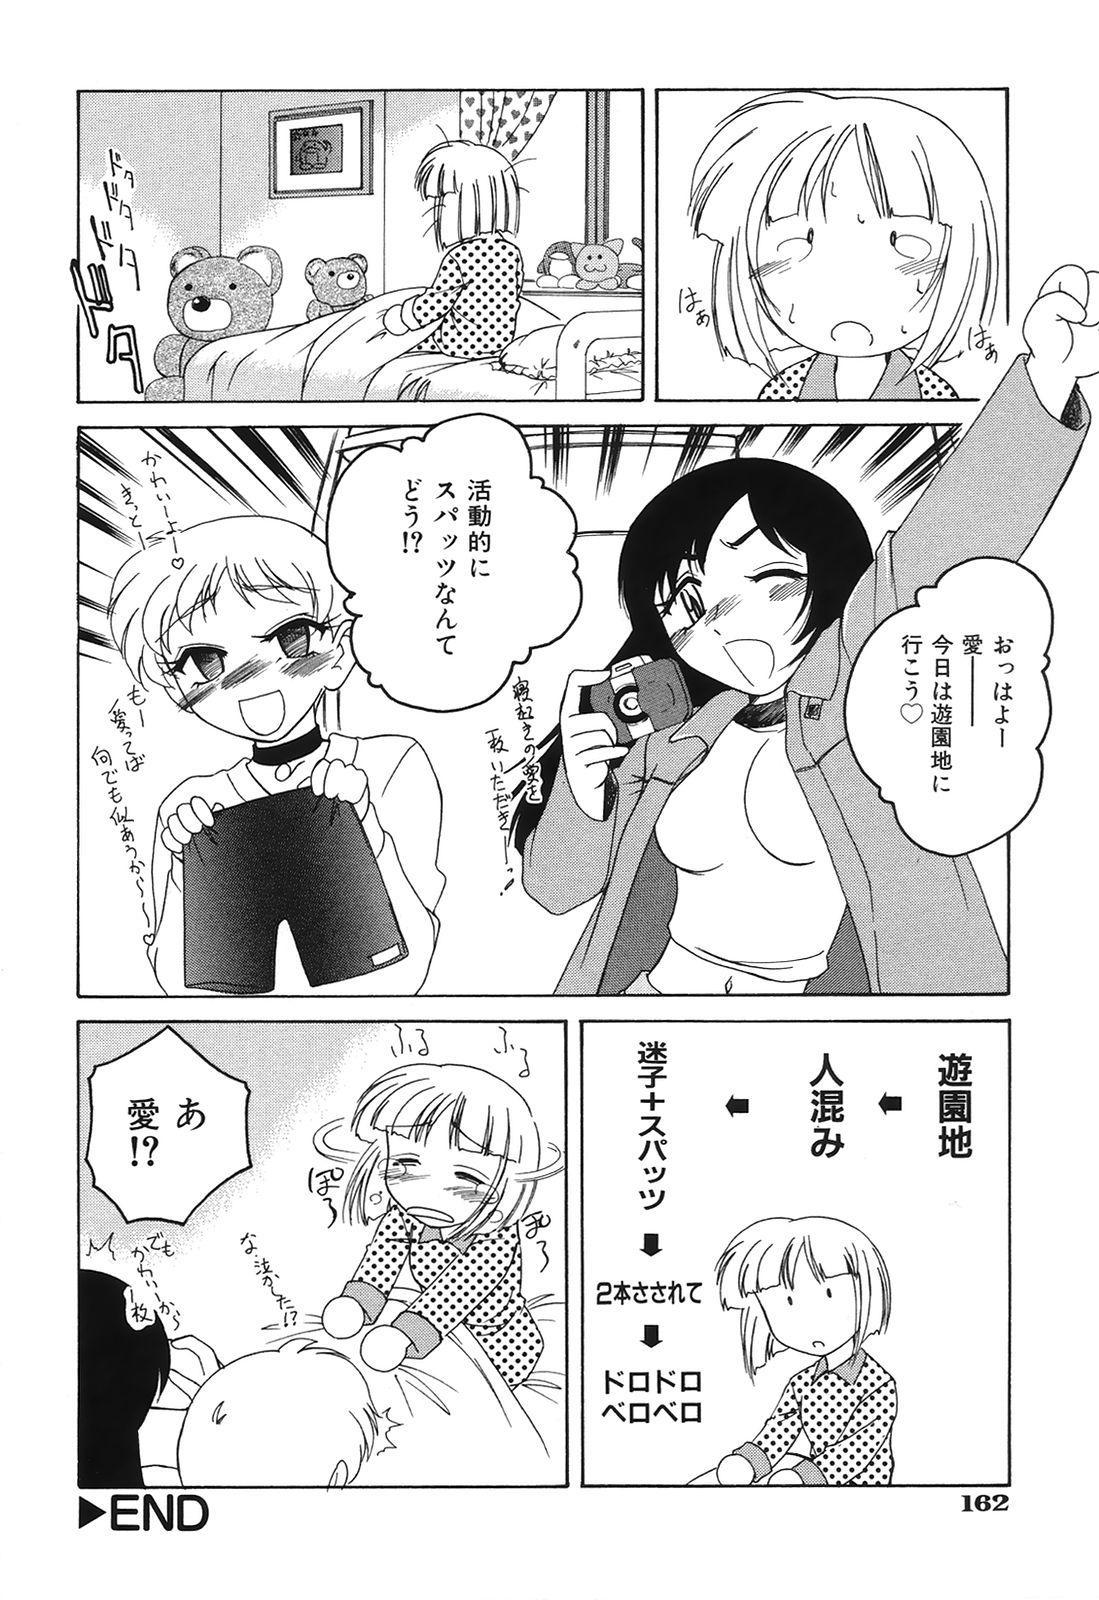 Omake No Musume 164